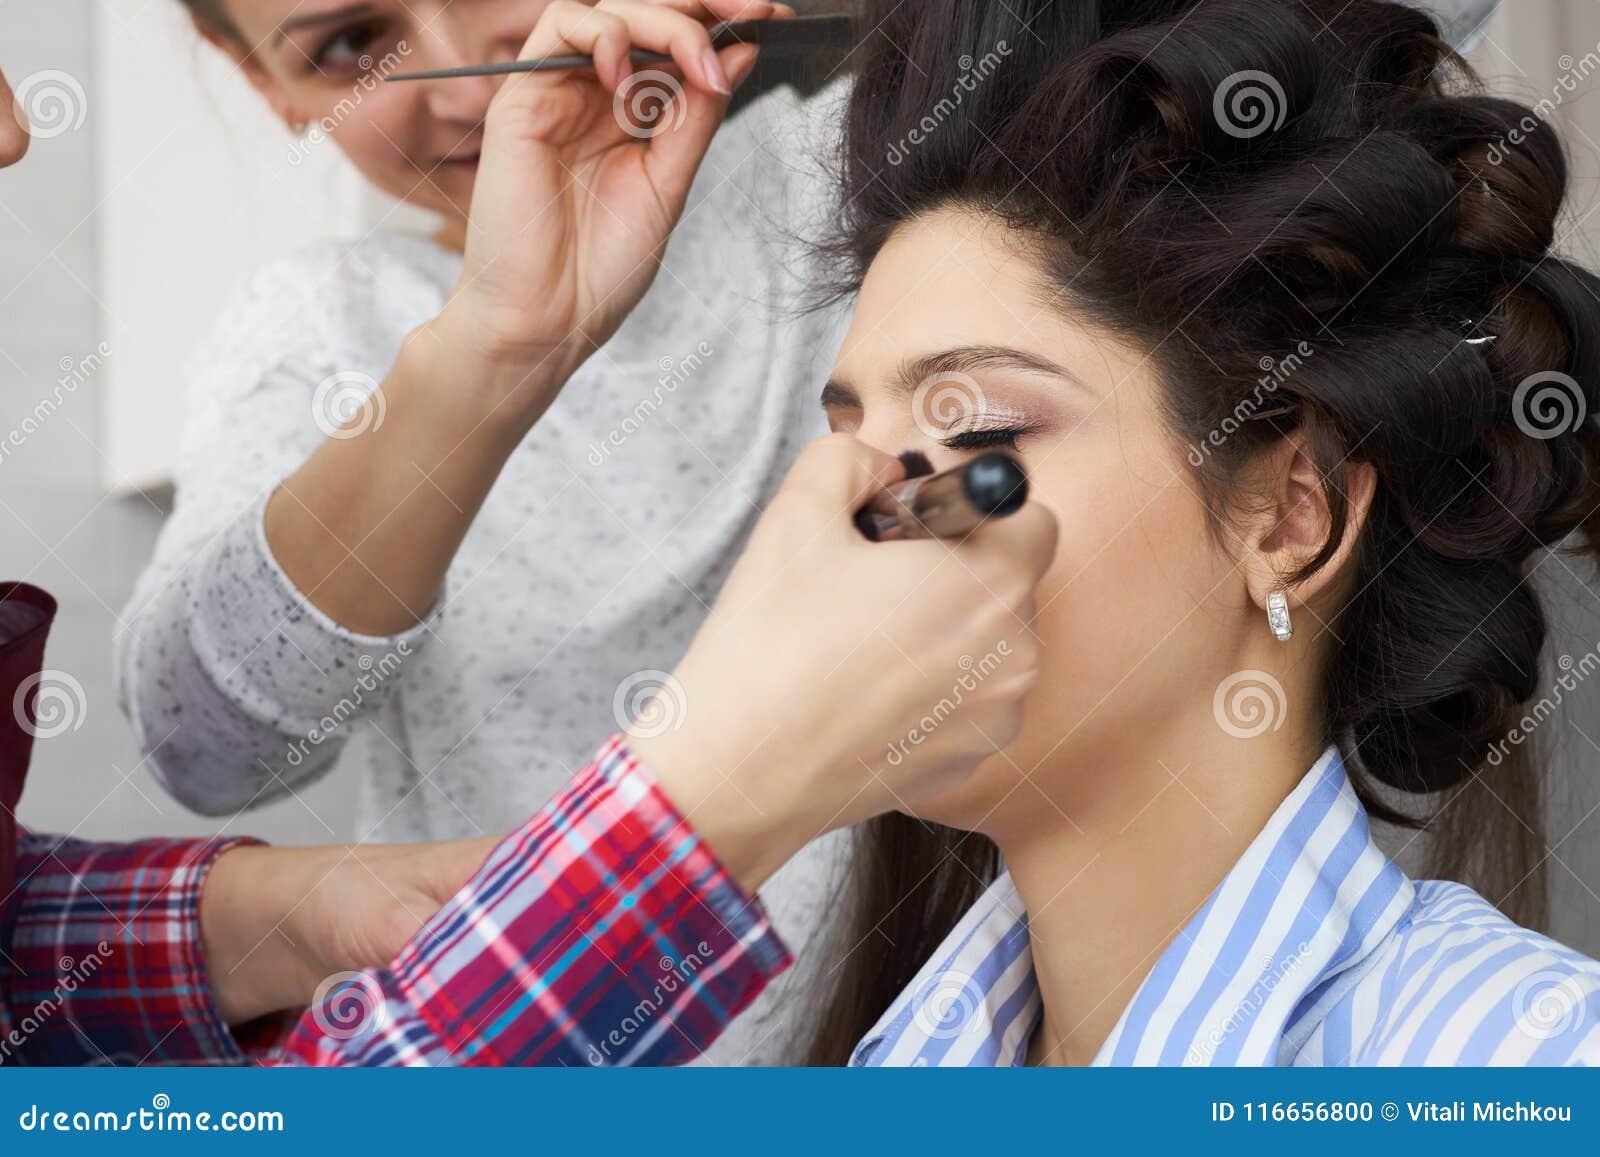 El amo inflige el polvo del cepillo en la cara de la muchacha, termina el maquillaje del día en un salón de belleza